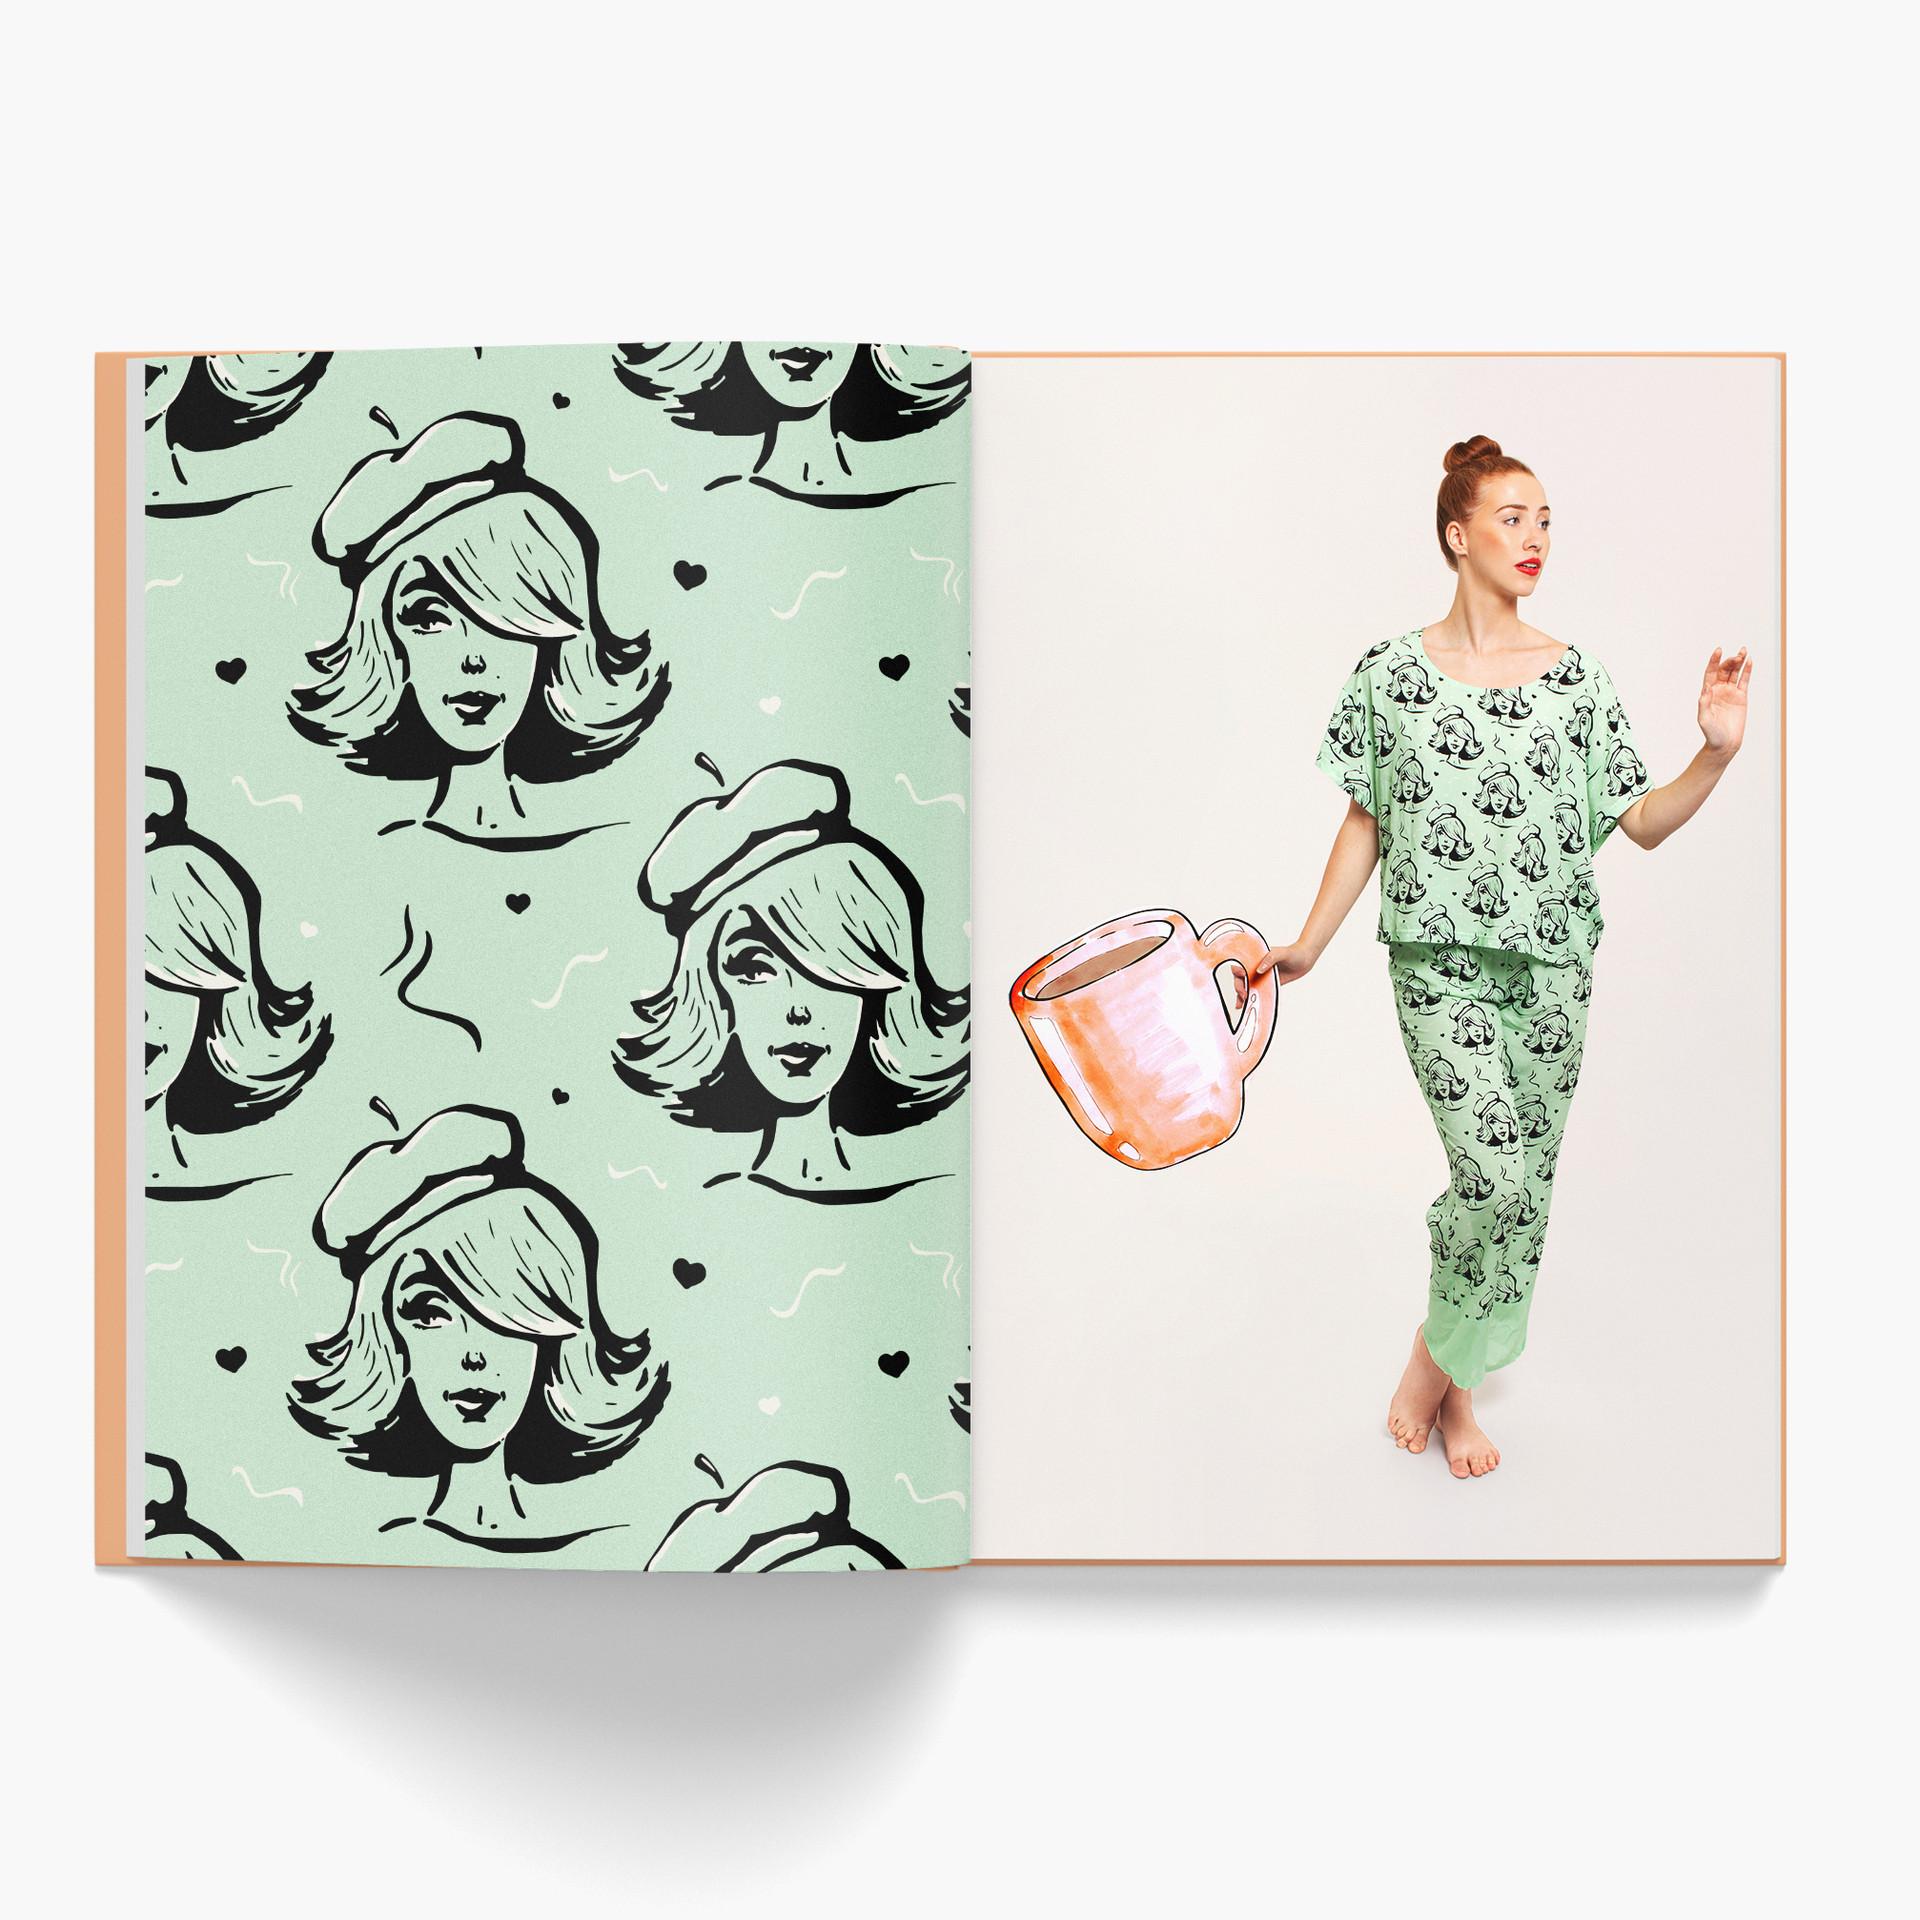 Pattern design by Sam K Ryan